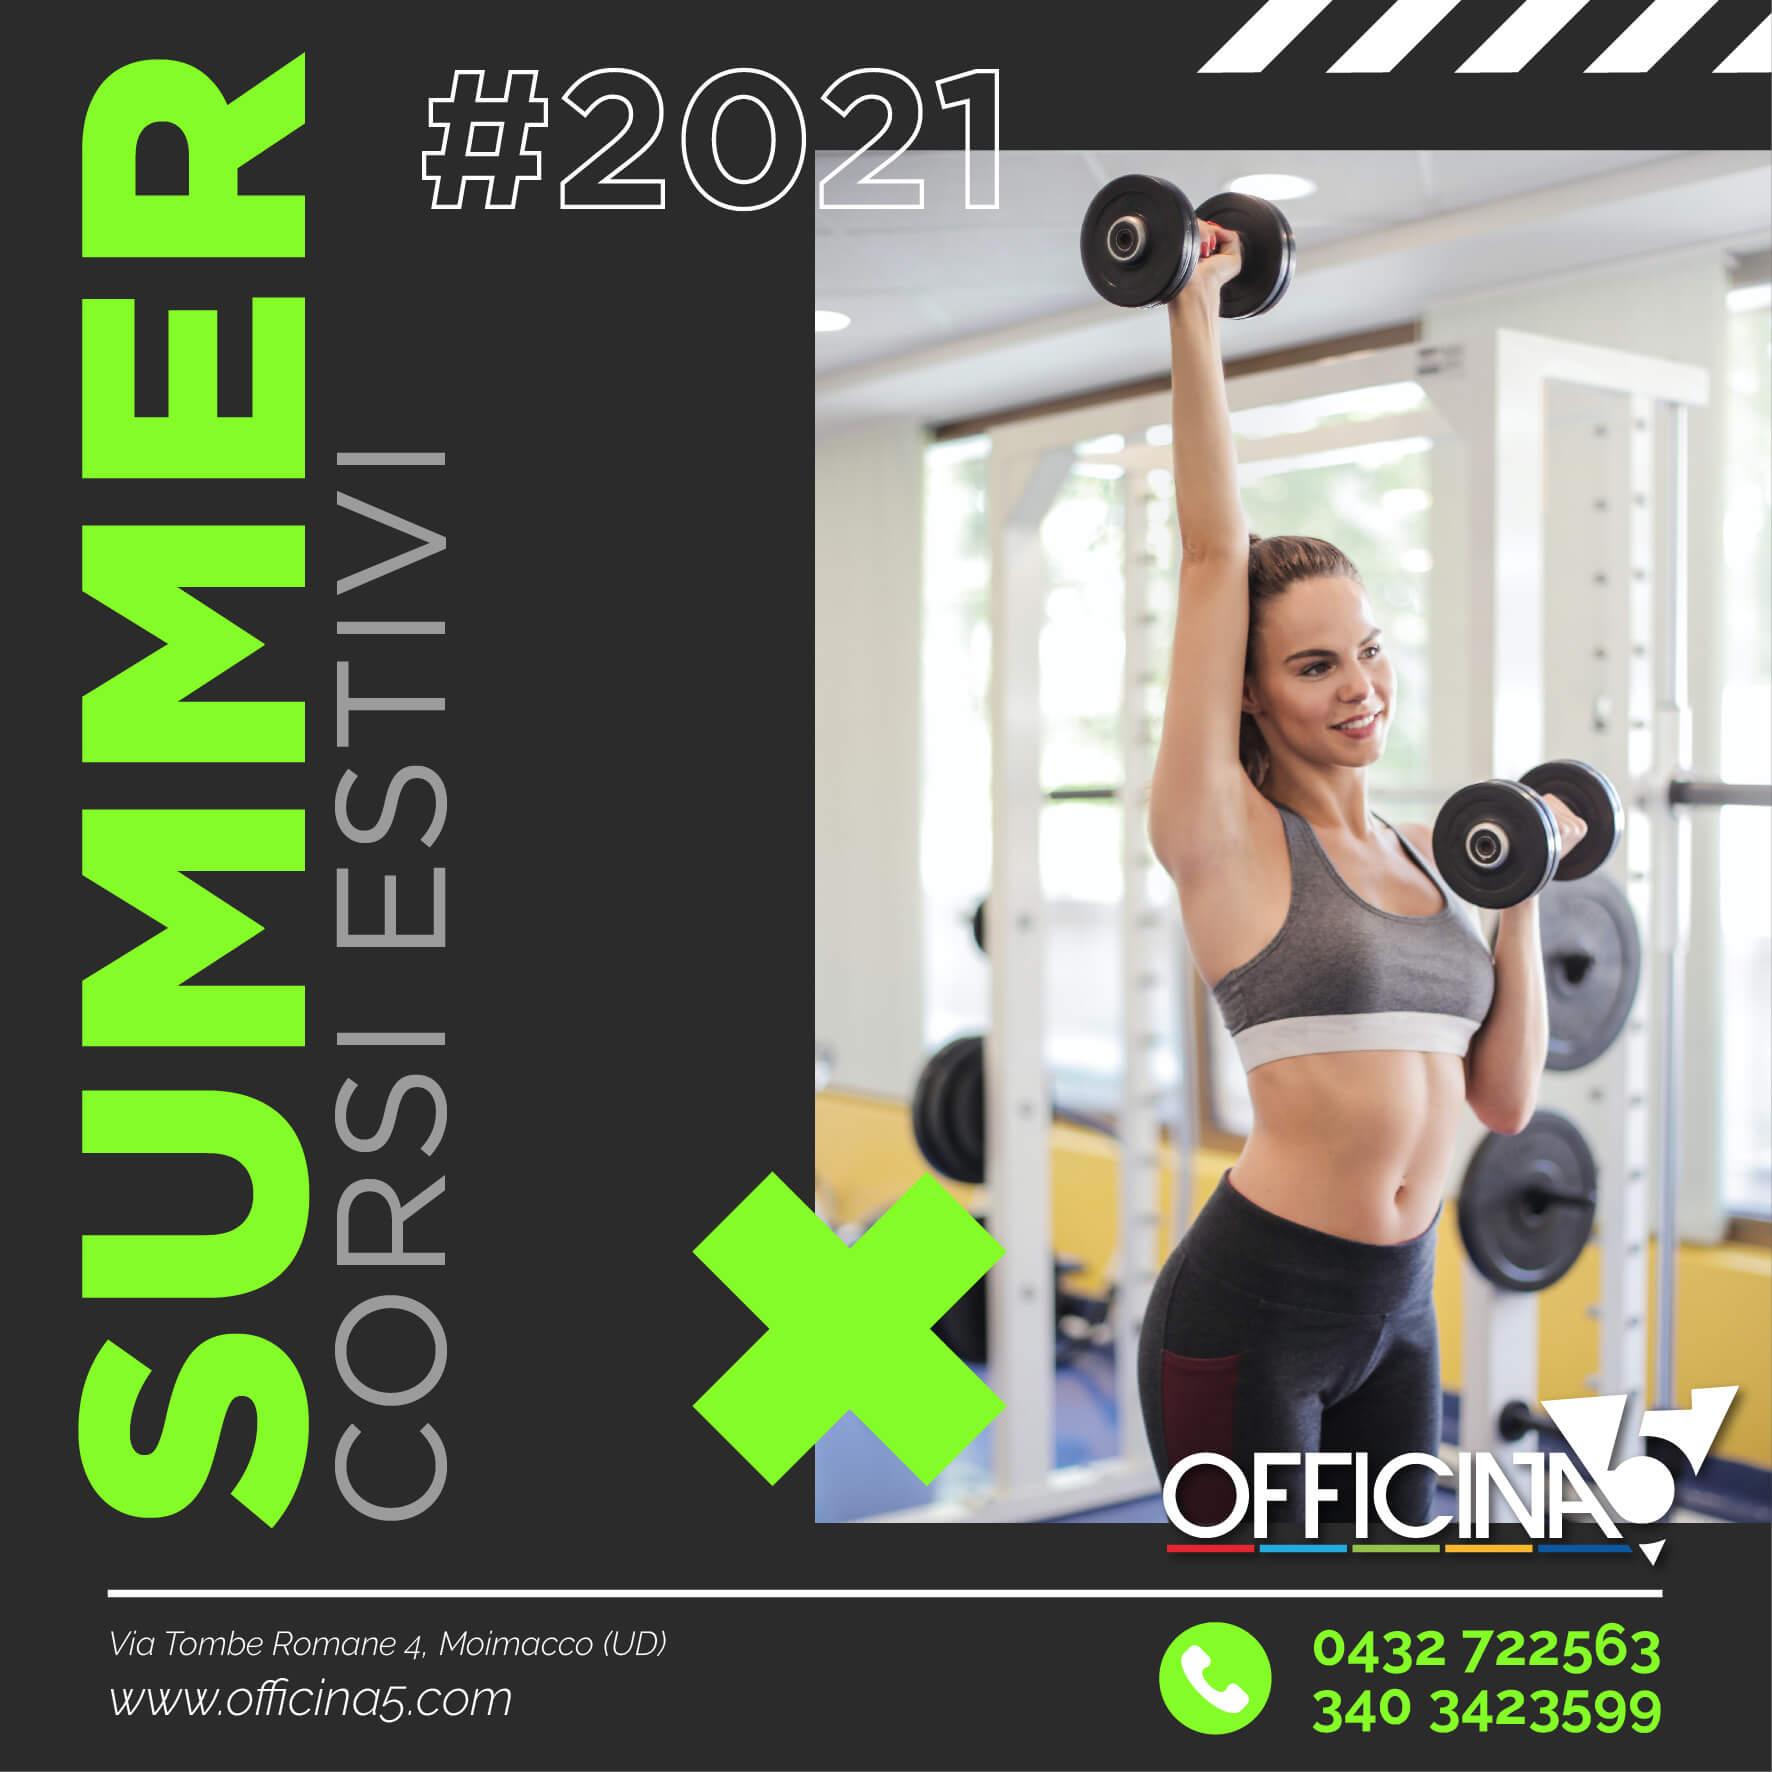 Al via i corsi estivi di ginnastica, arti marziali, fitness e sala macchine di Officina5 la palestra a Udine